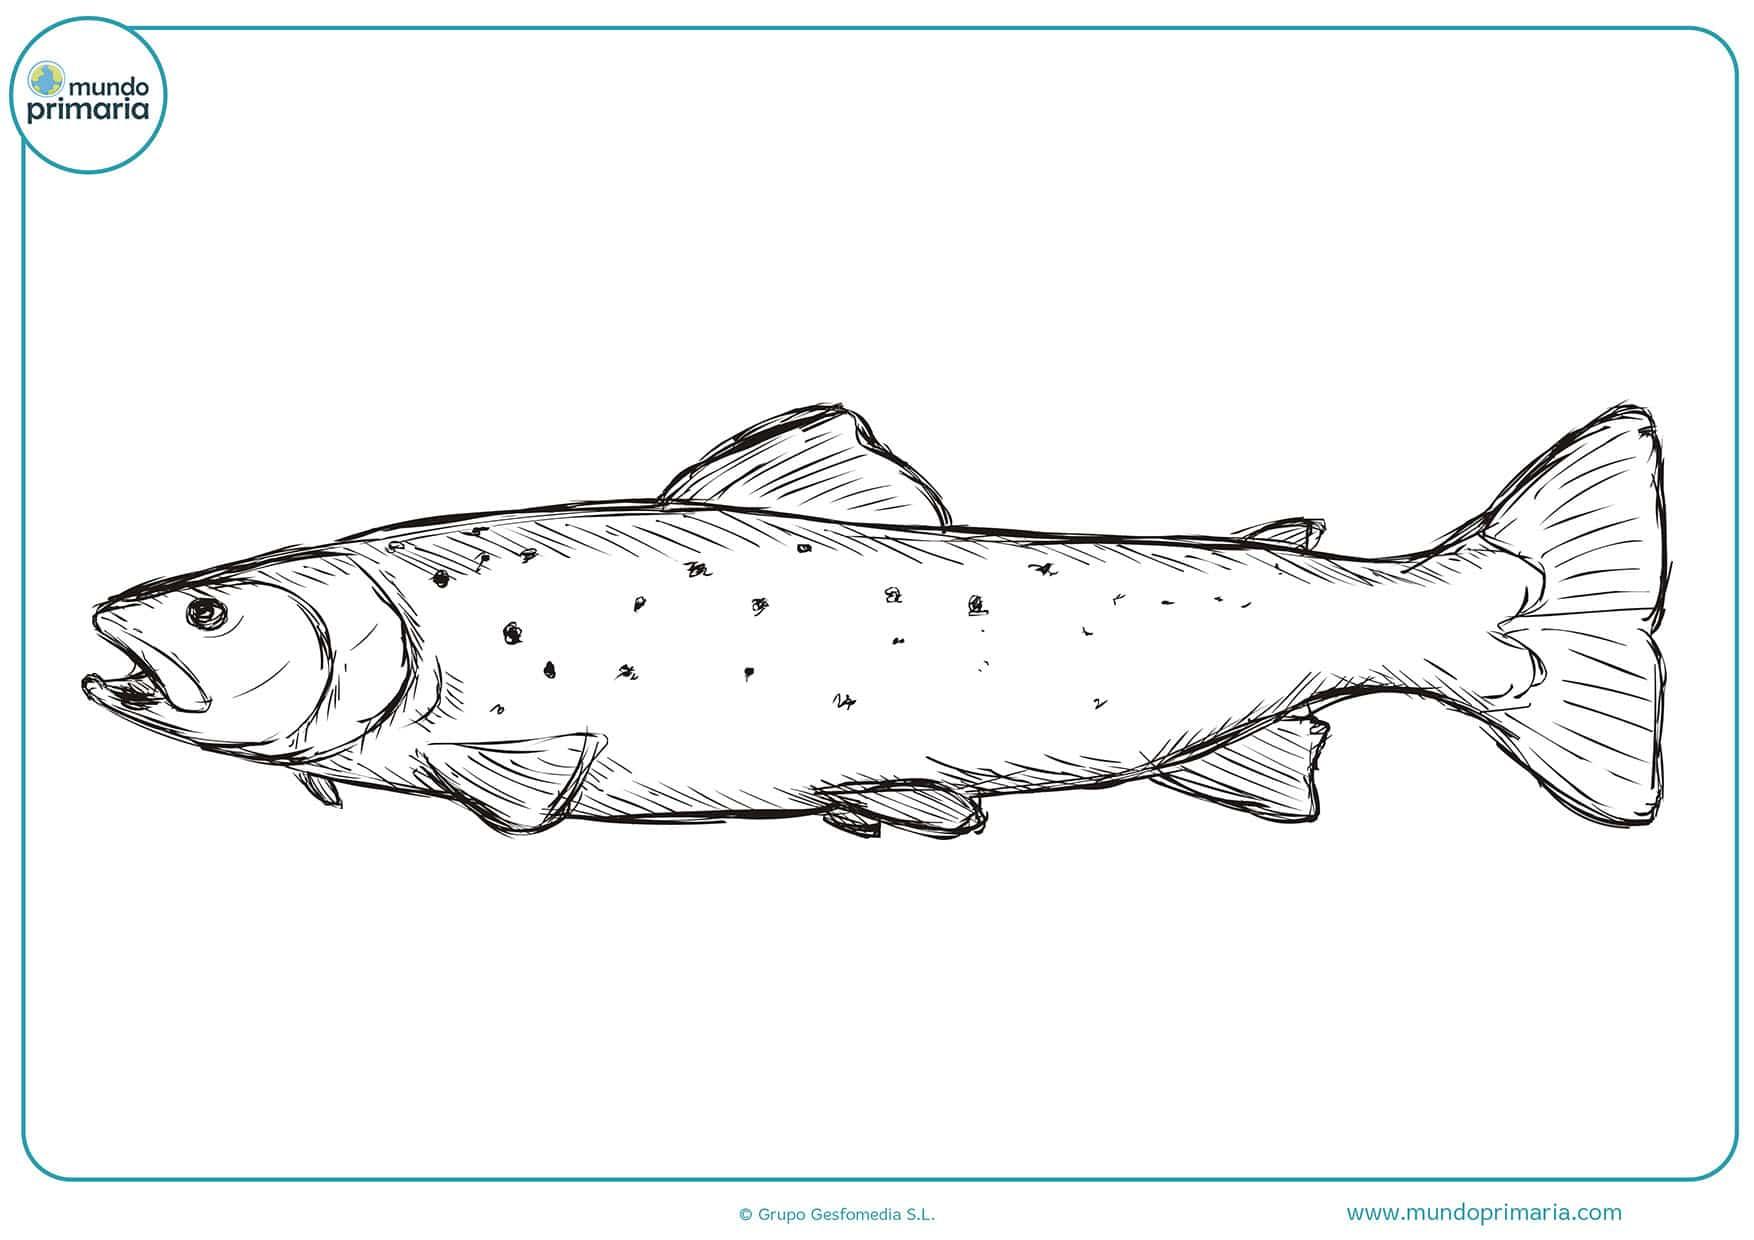 Dibujos Varios Para Colorear: Dibujos De Pescado Para Colorear